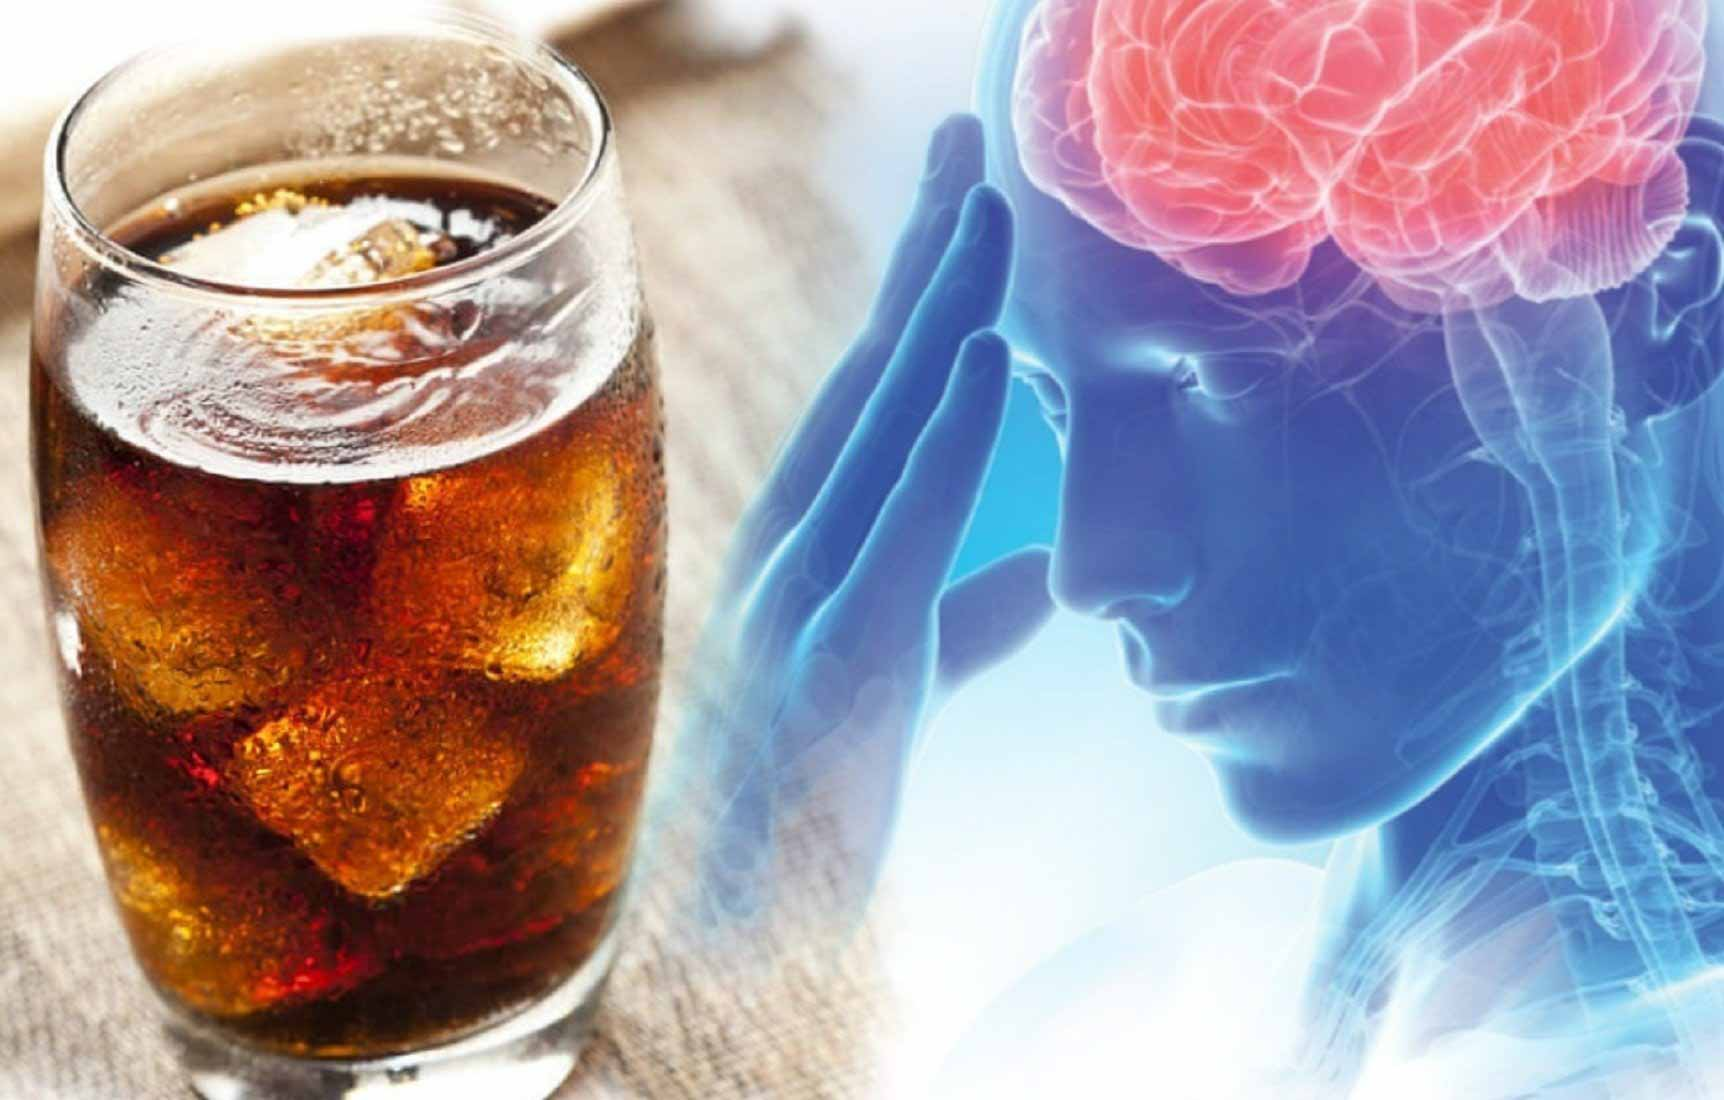 Прохладные летние напитки вызывают инсульт